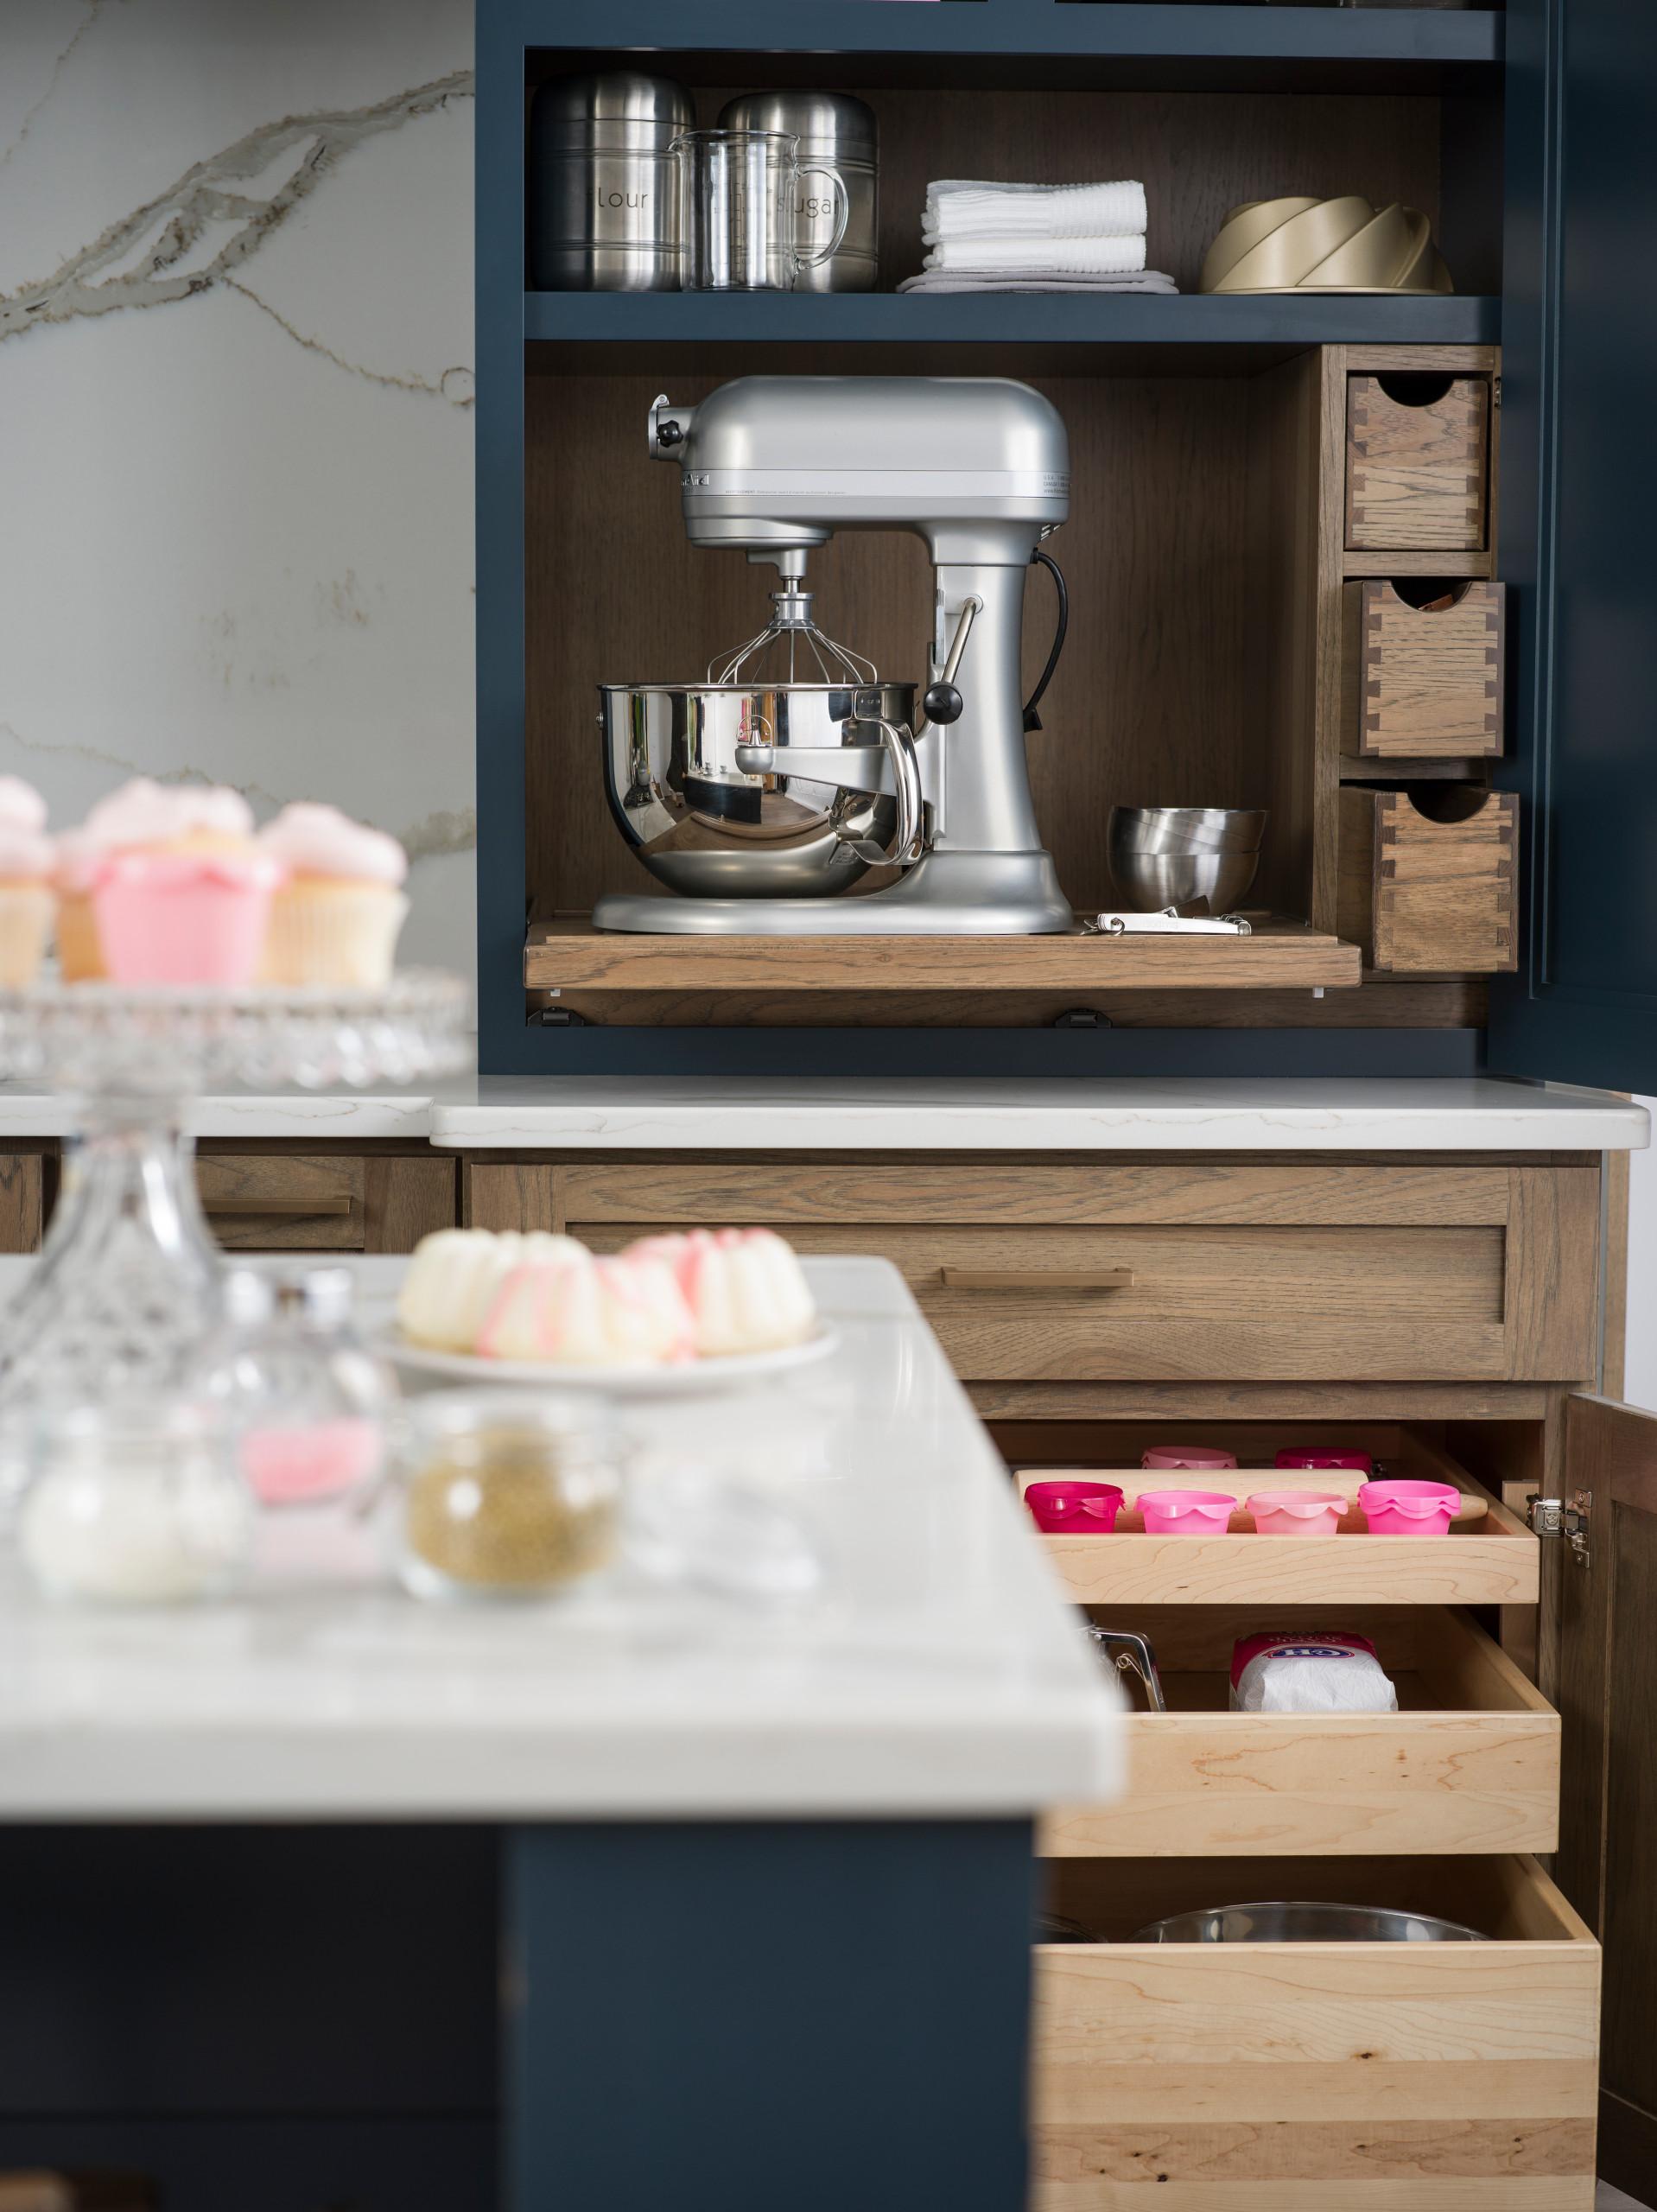 baking station larder cabinet